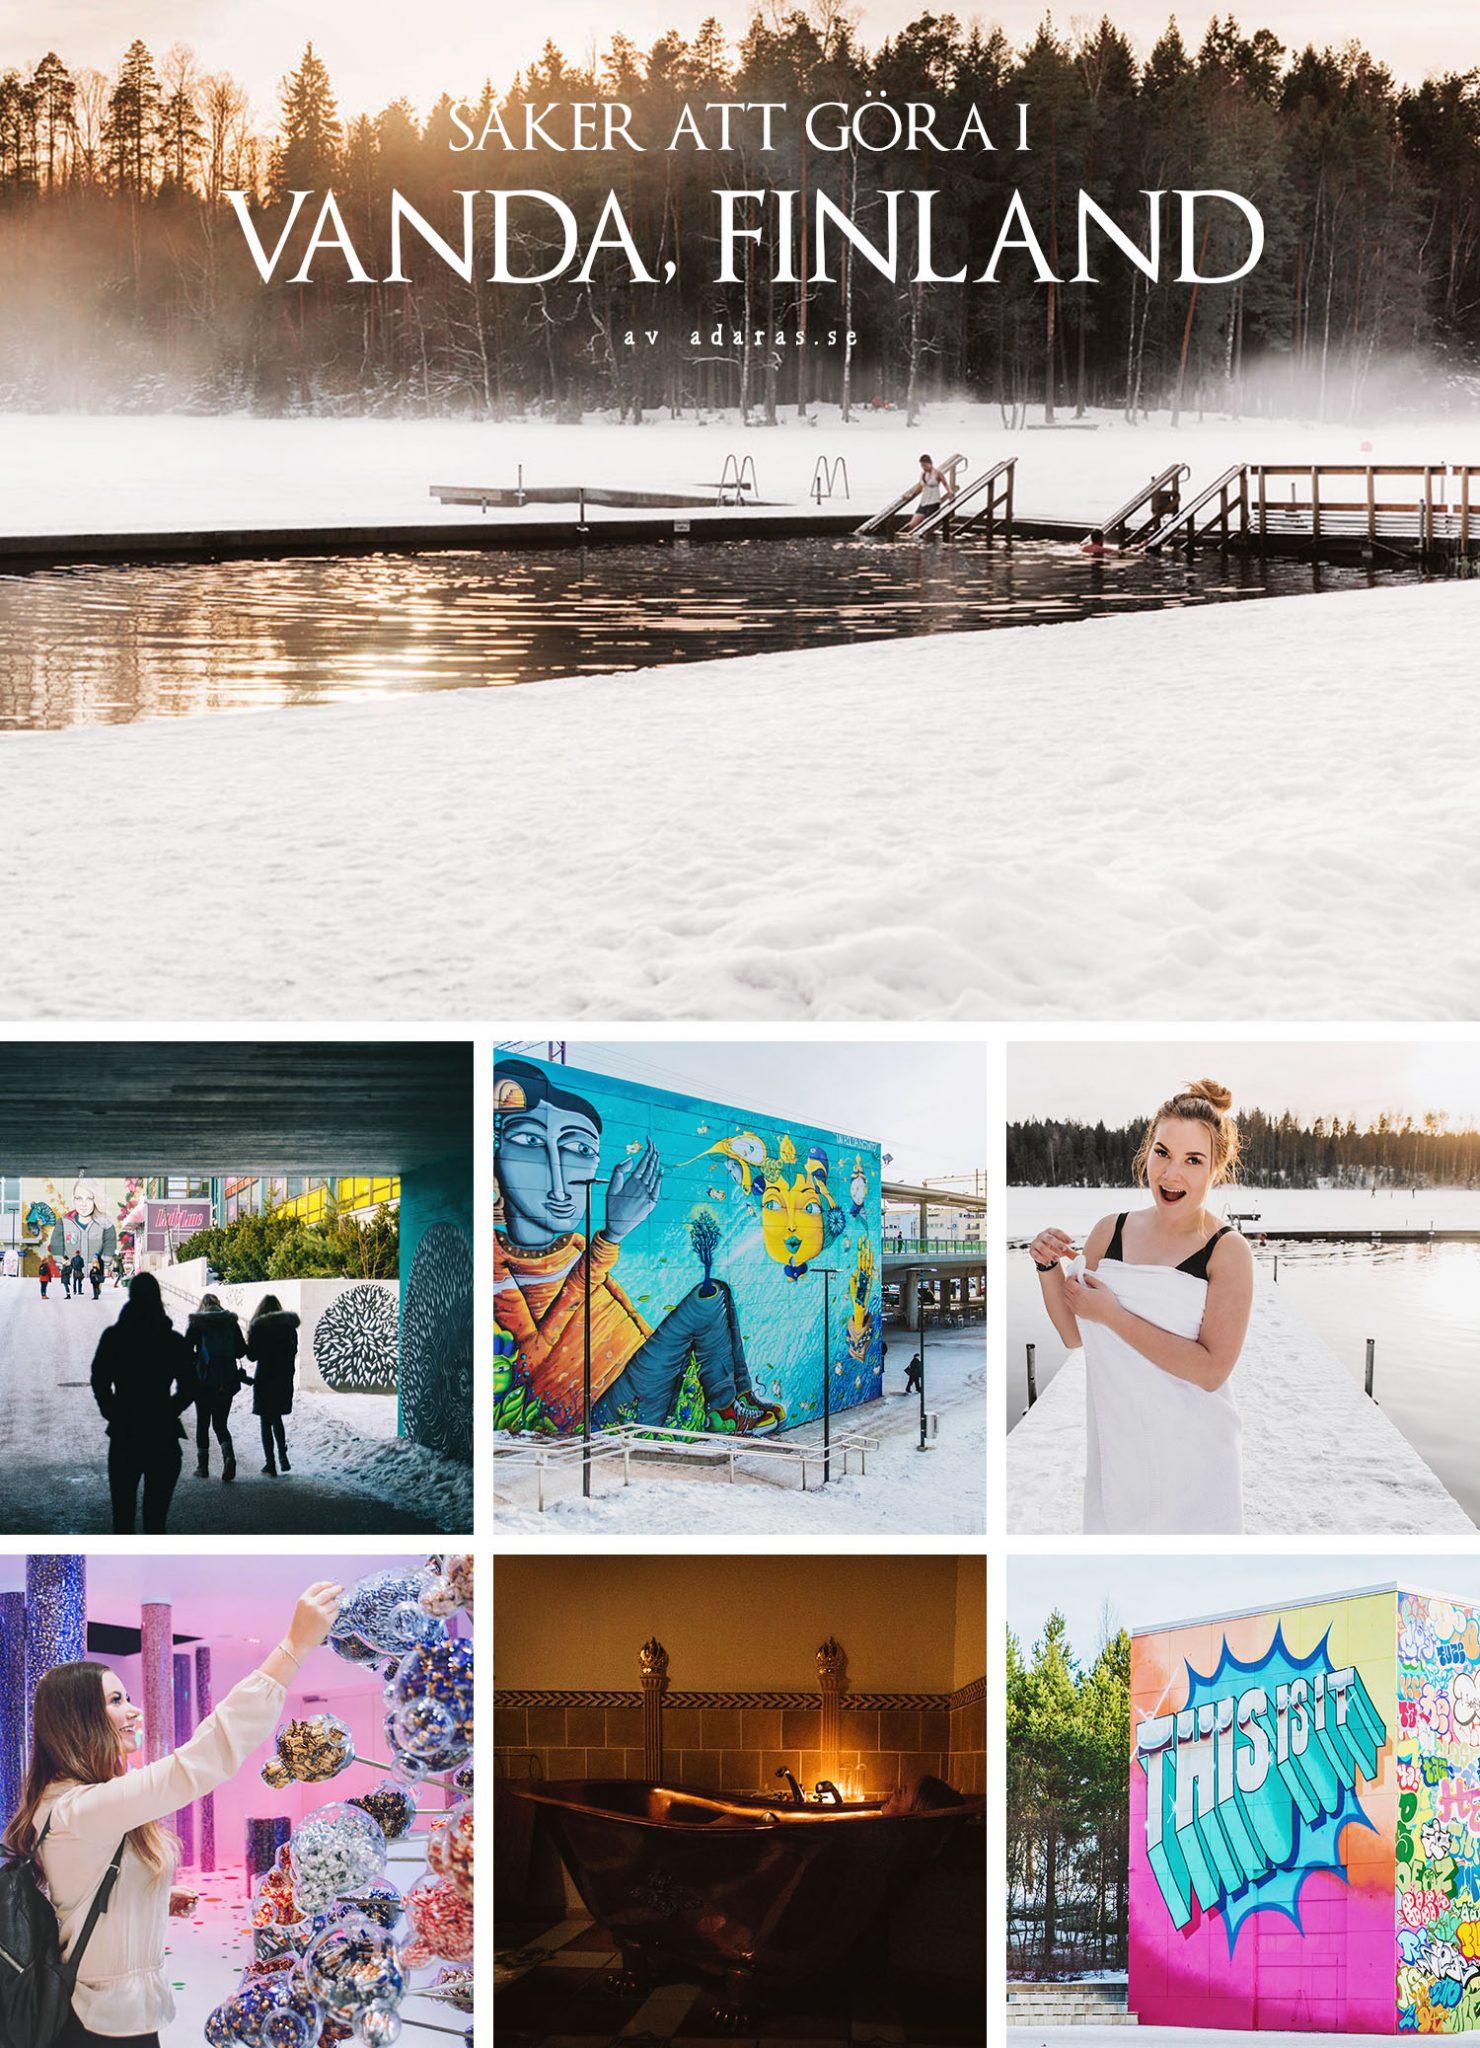 Kollage med saker att göra i Vanda, Finland